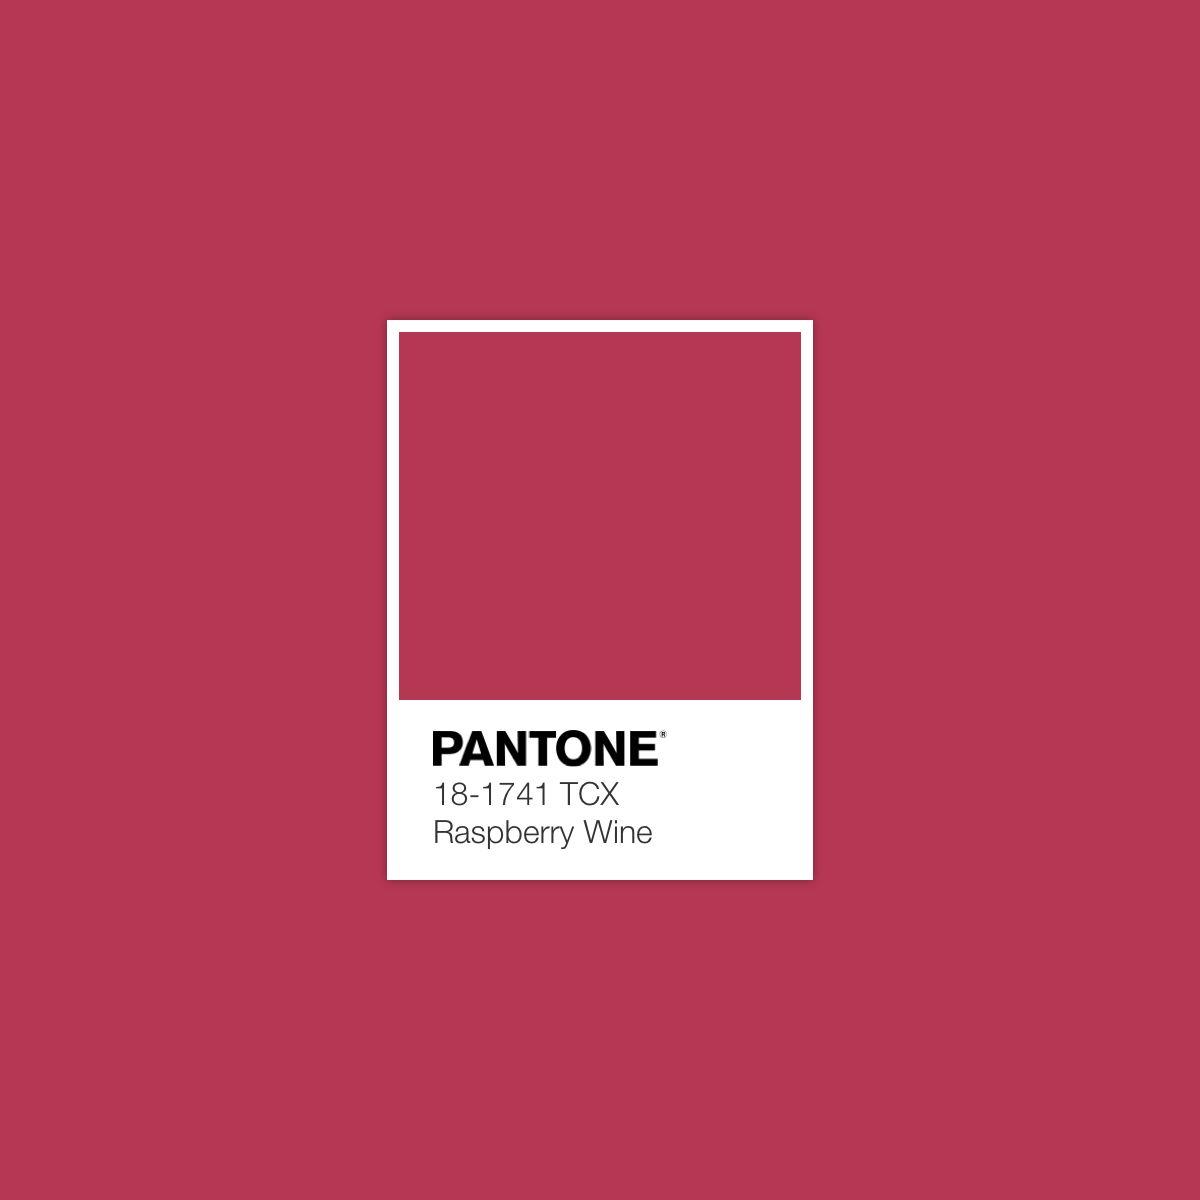 Pantone Raspberrywine Luxurydotcom Pantone Colour Palettes Pantone Color Pantone Palette